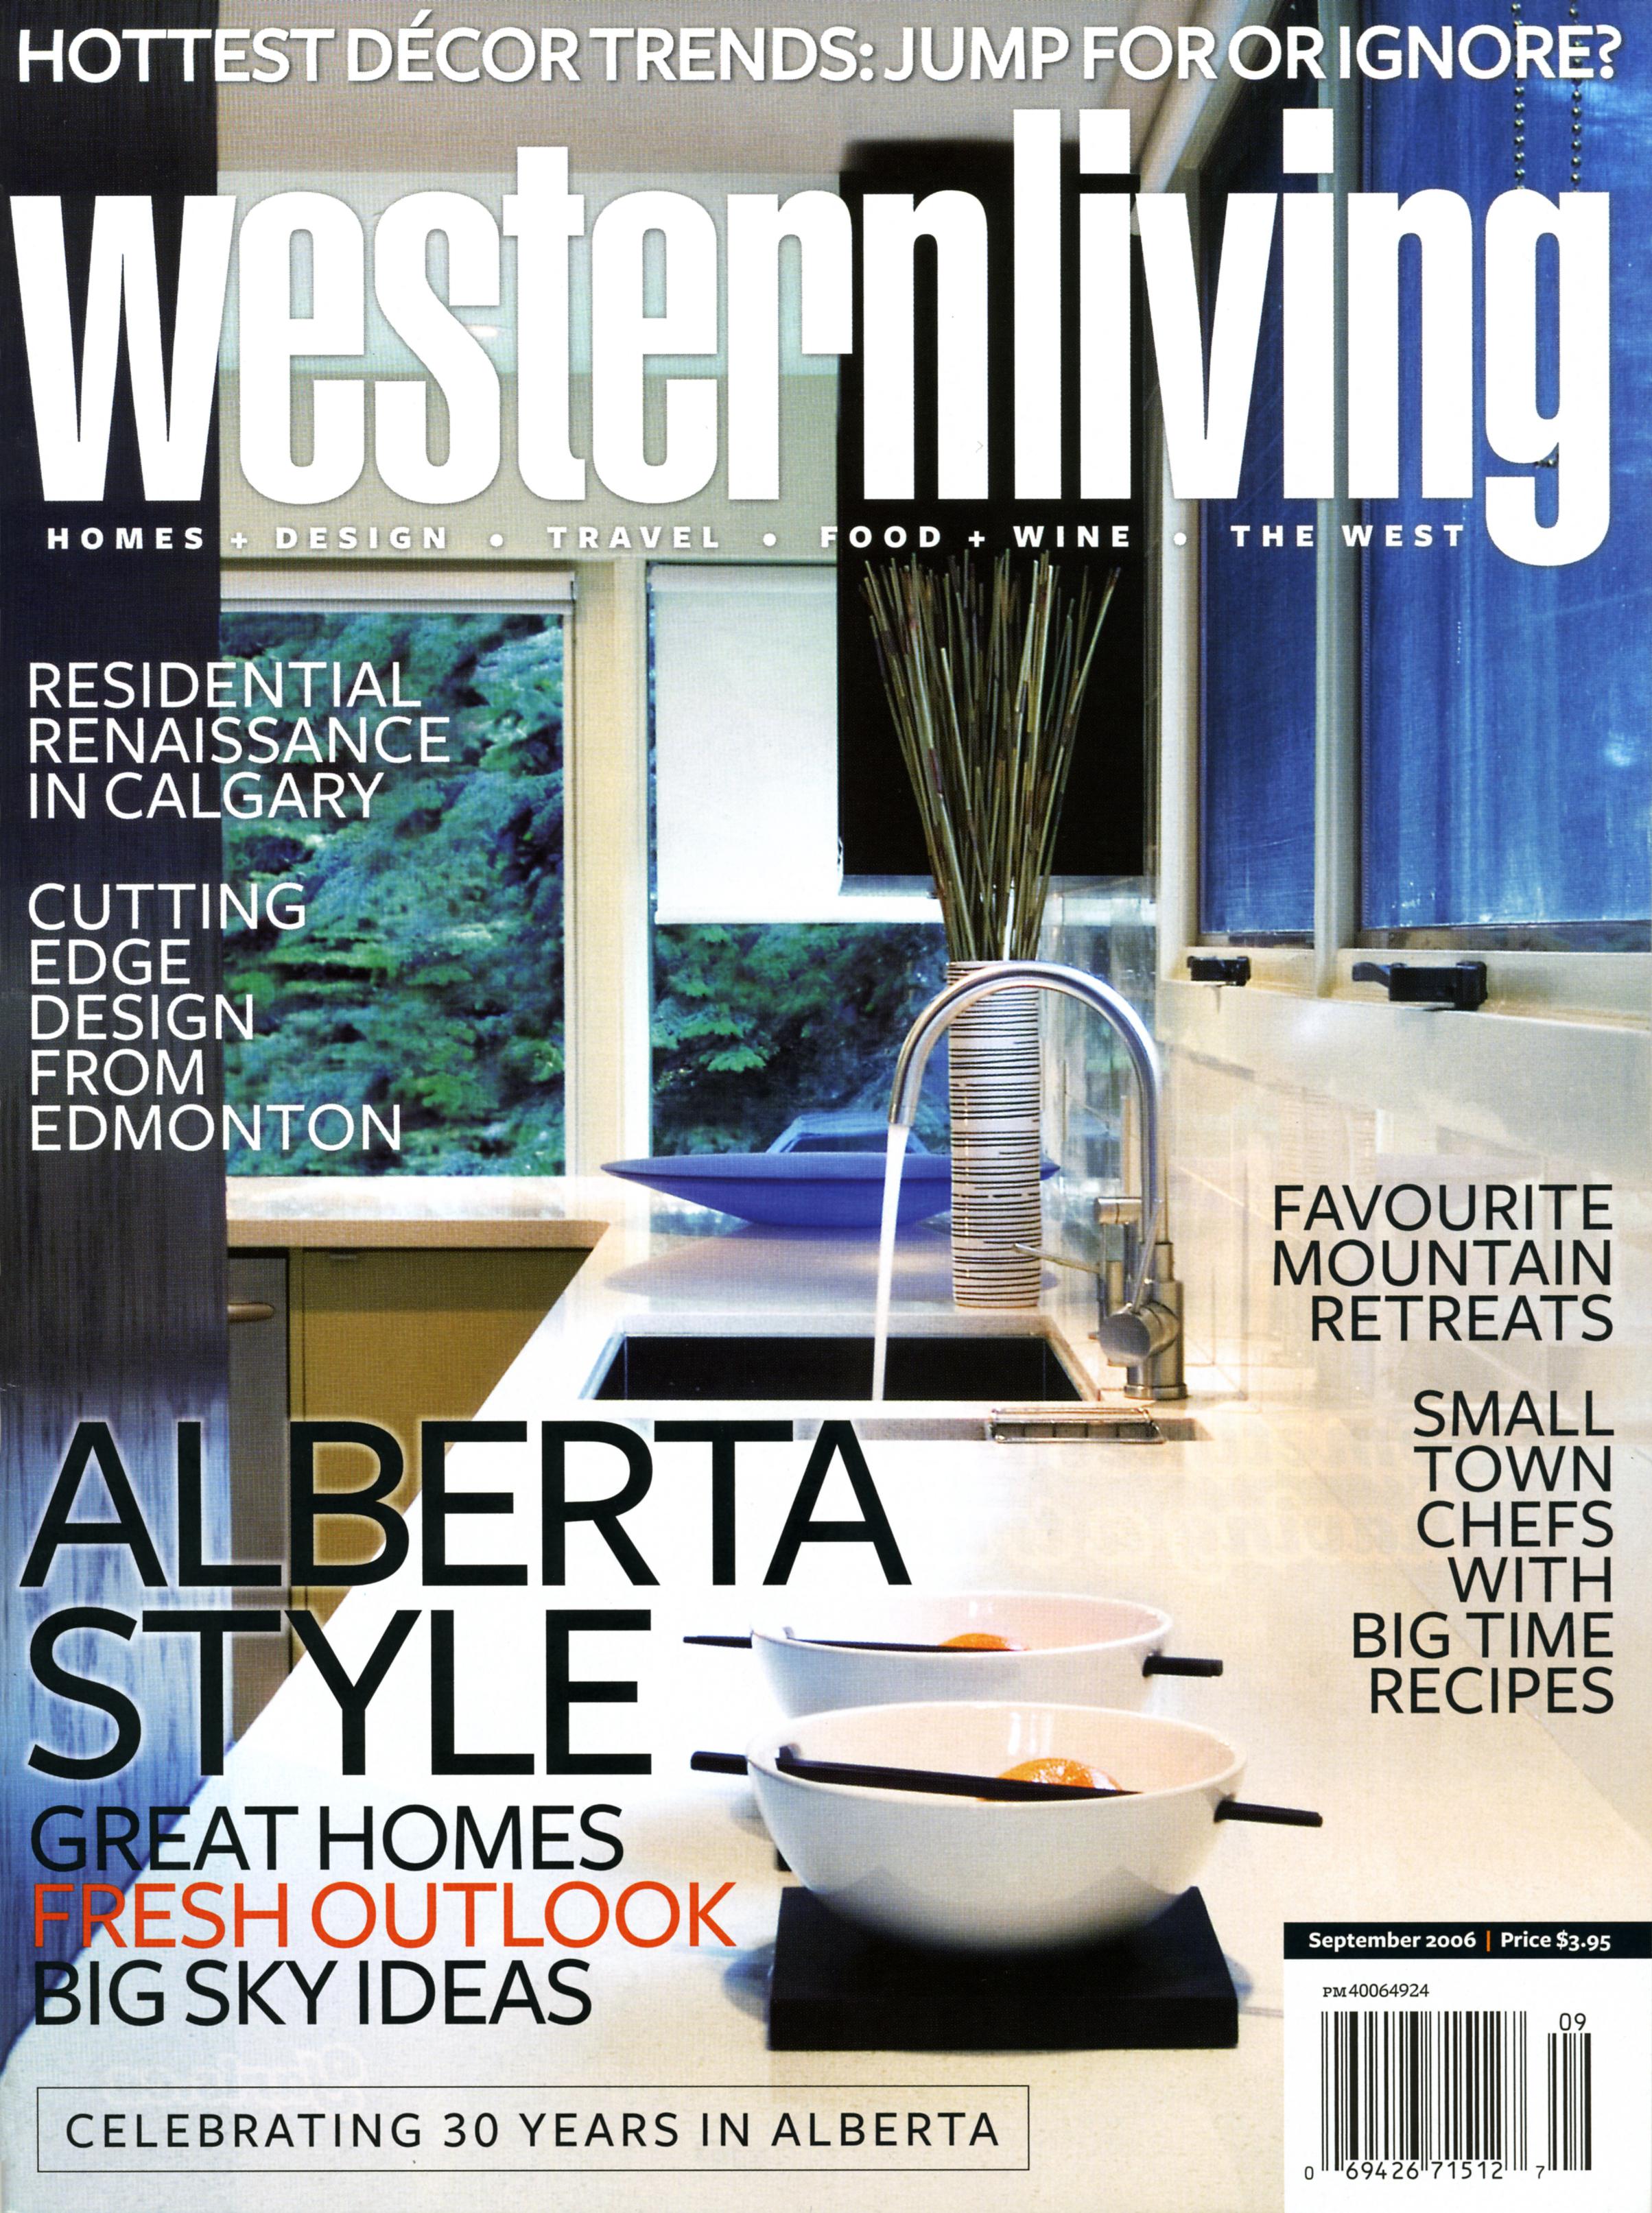 Western Living September 2006